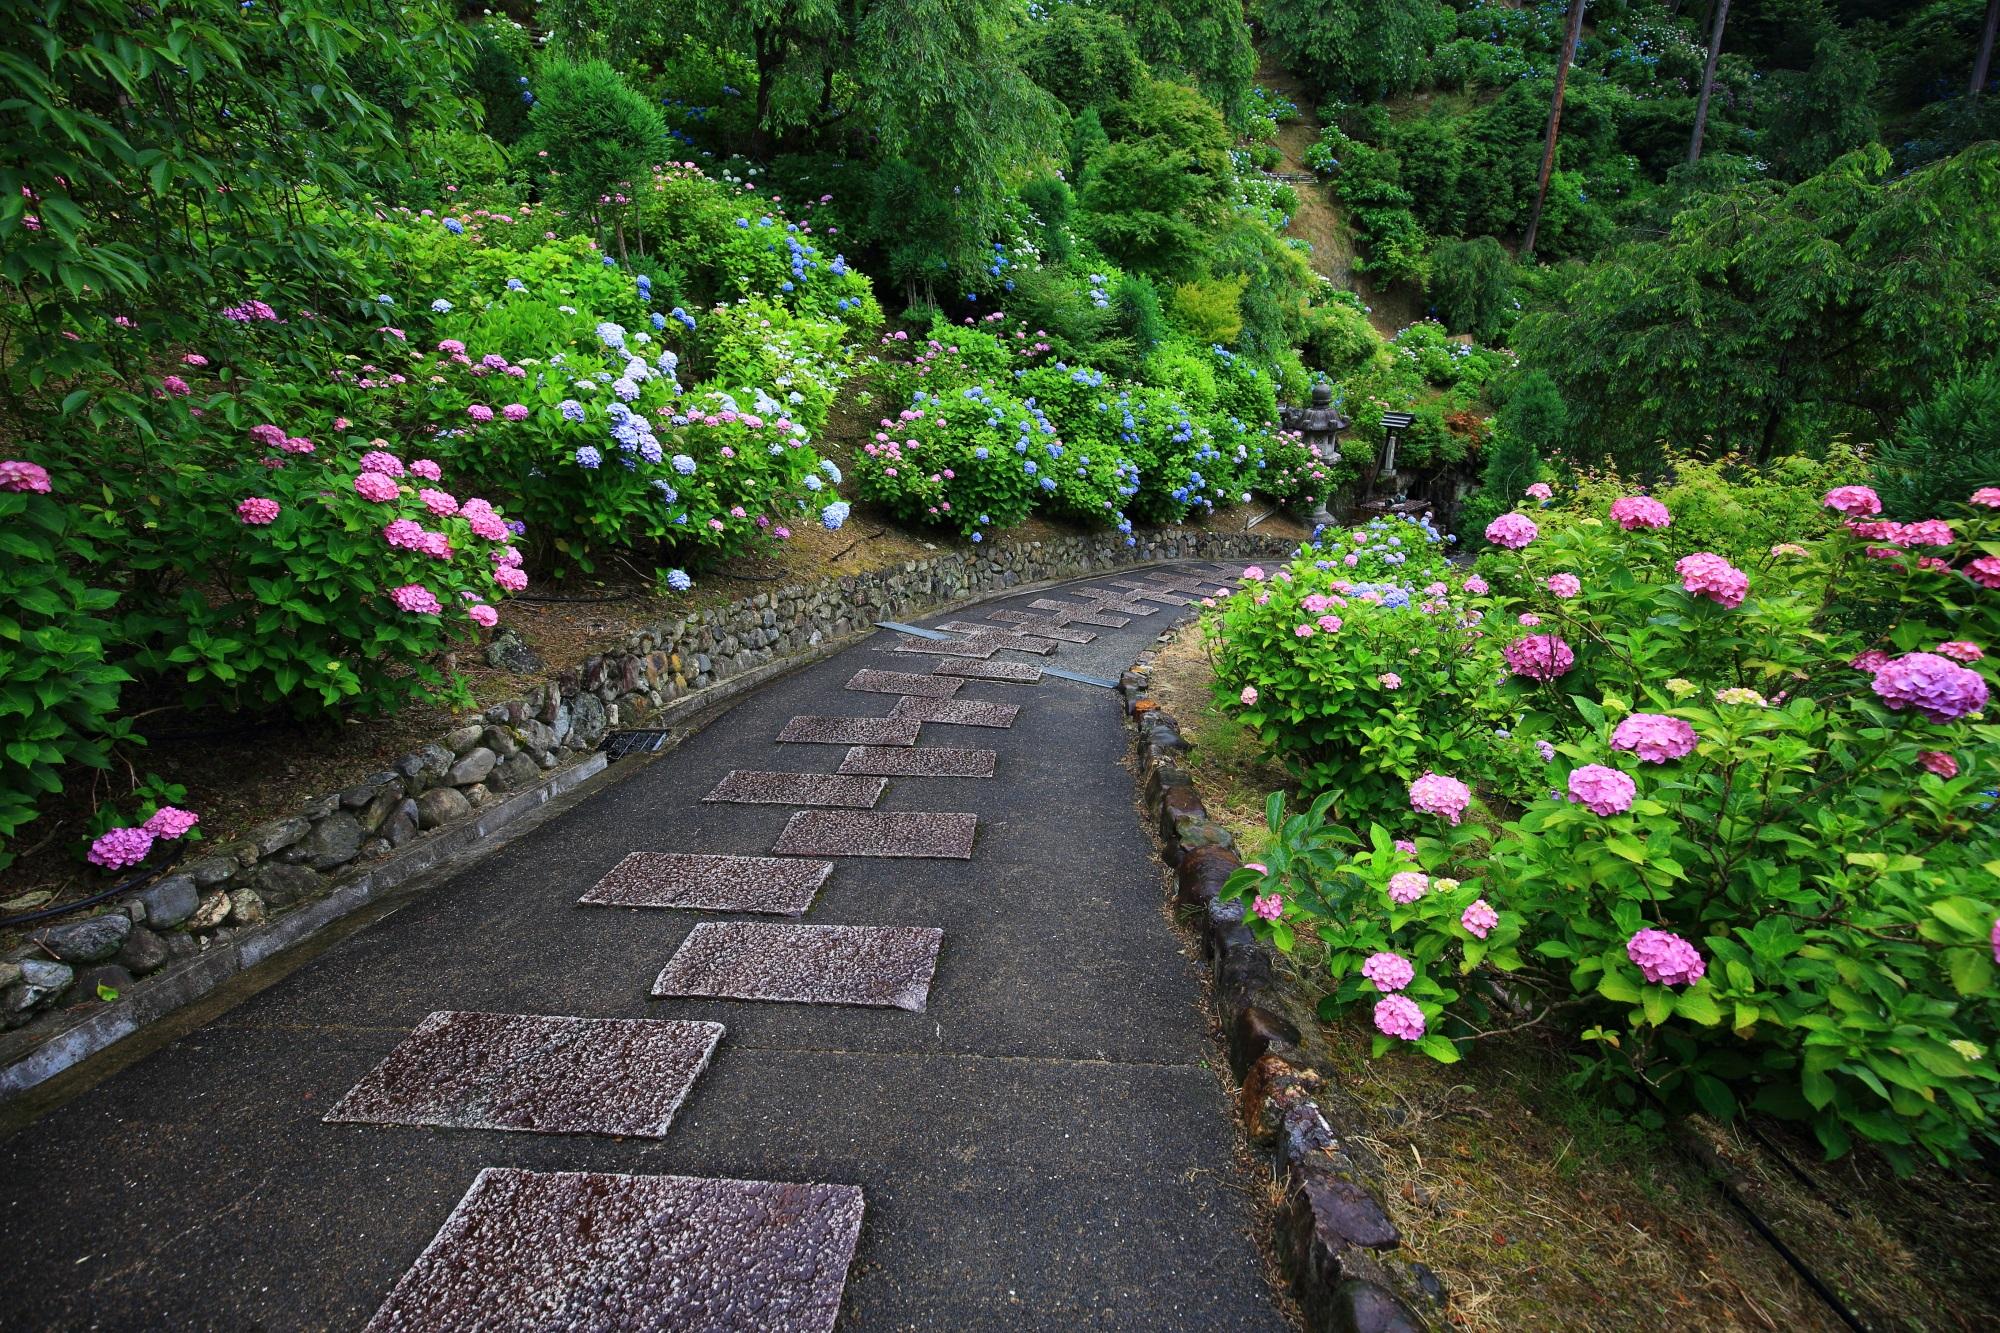 石の参道の両脇に咲く色とりどりの紫陽花